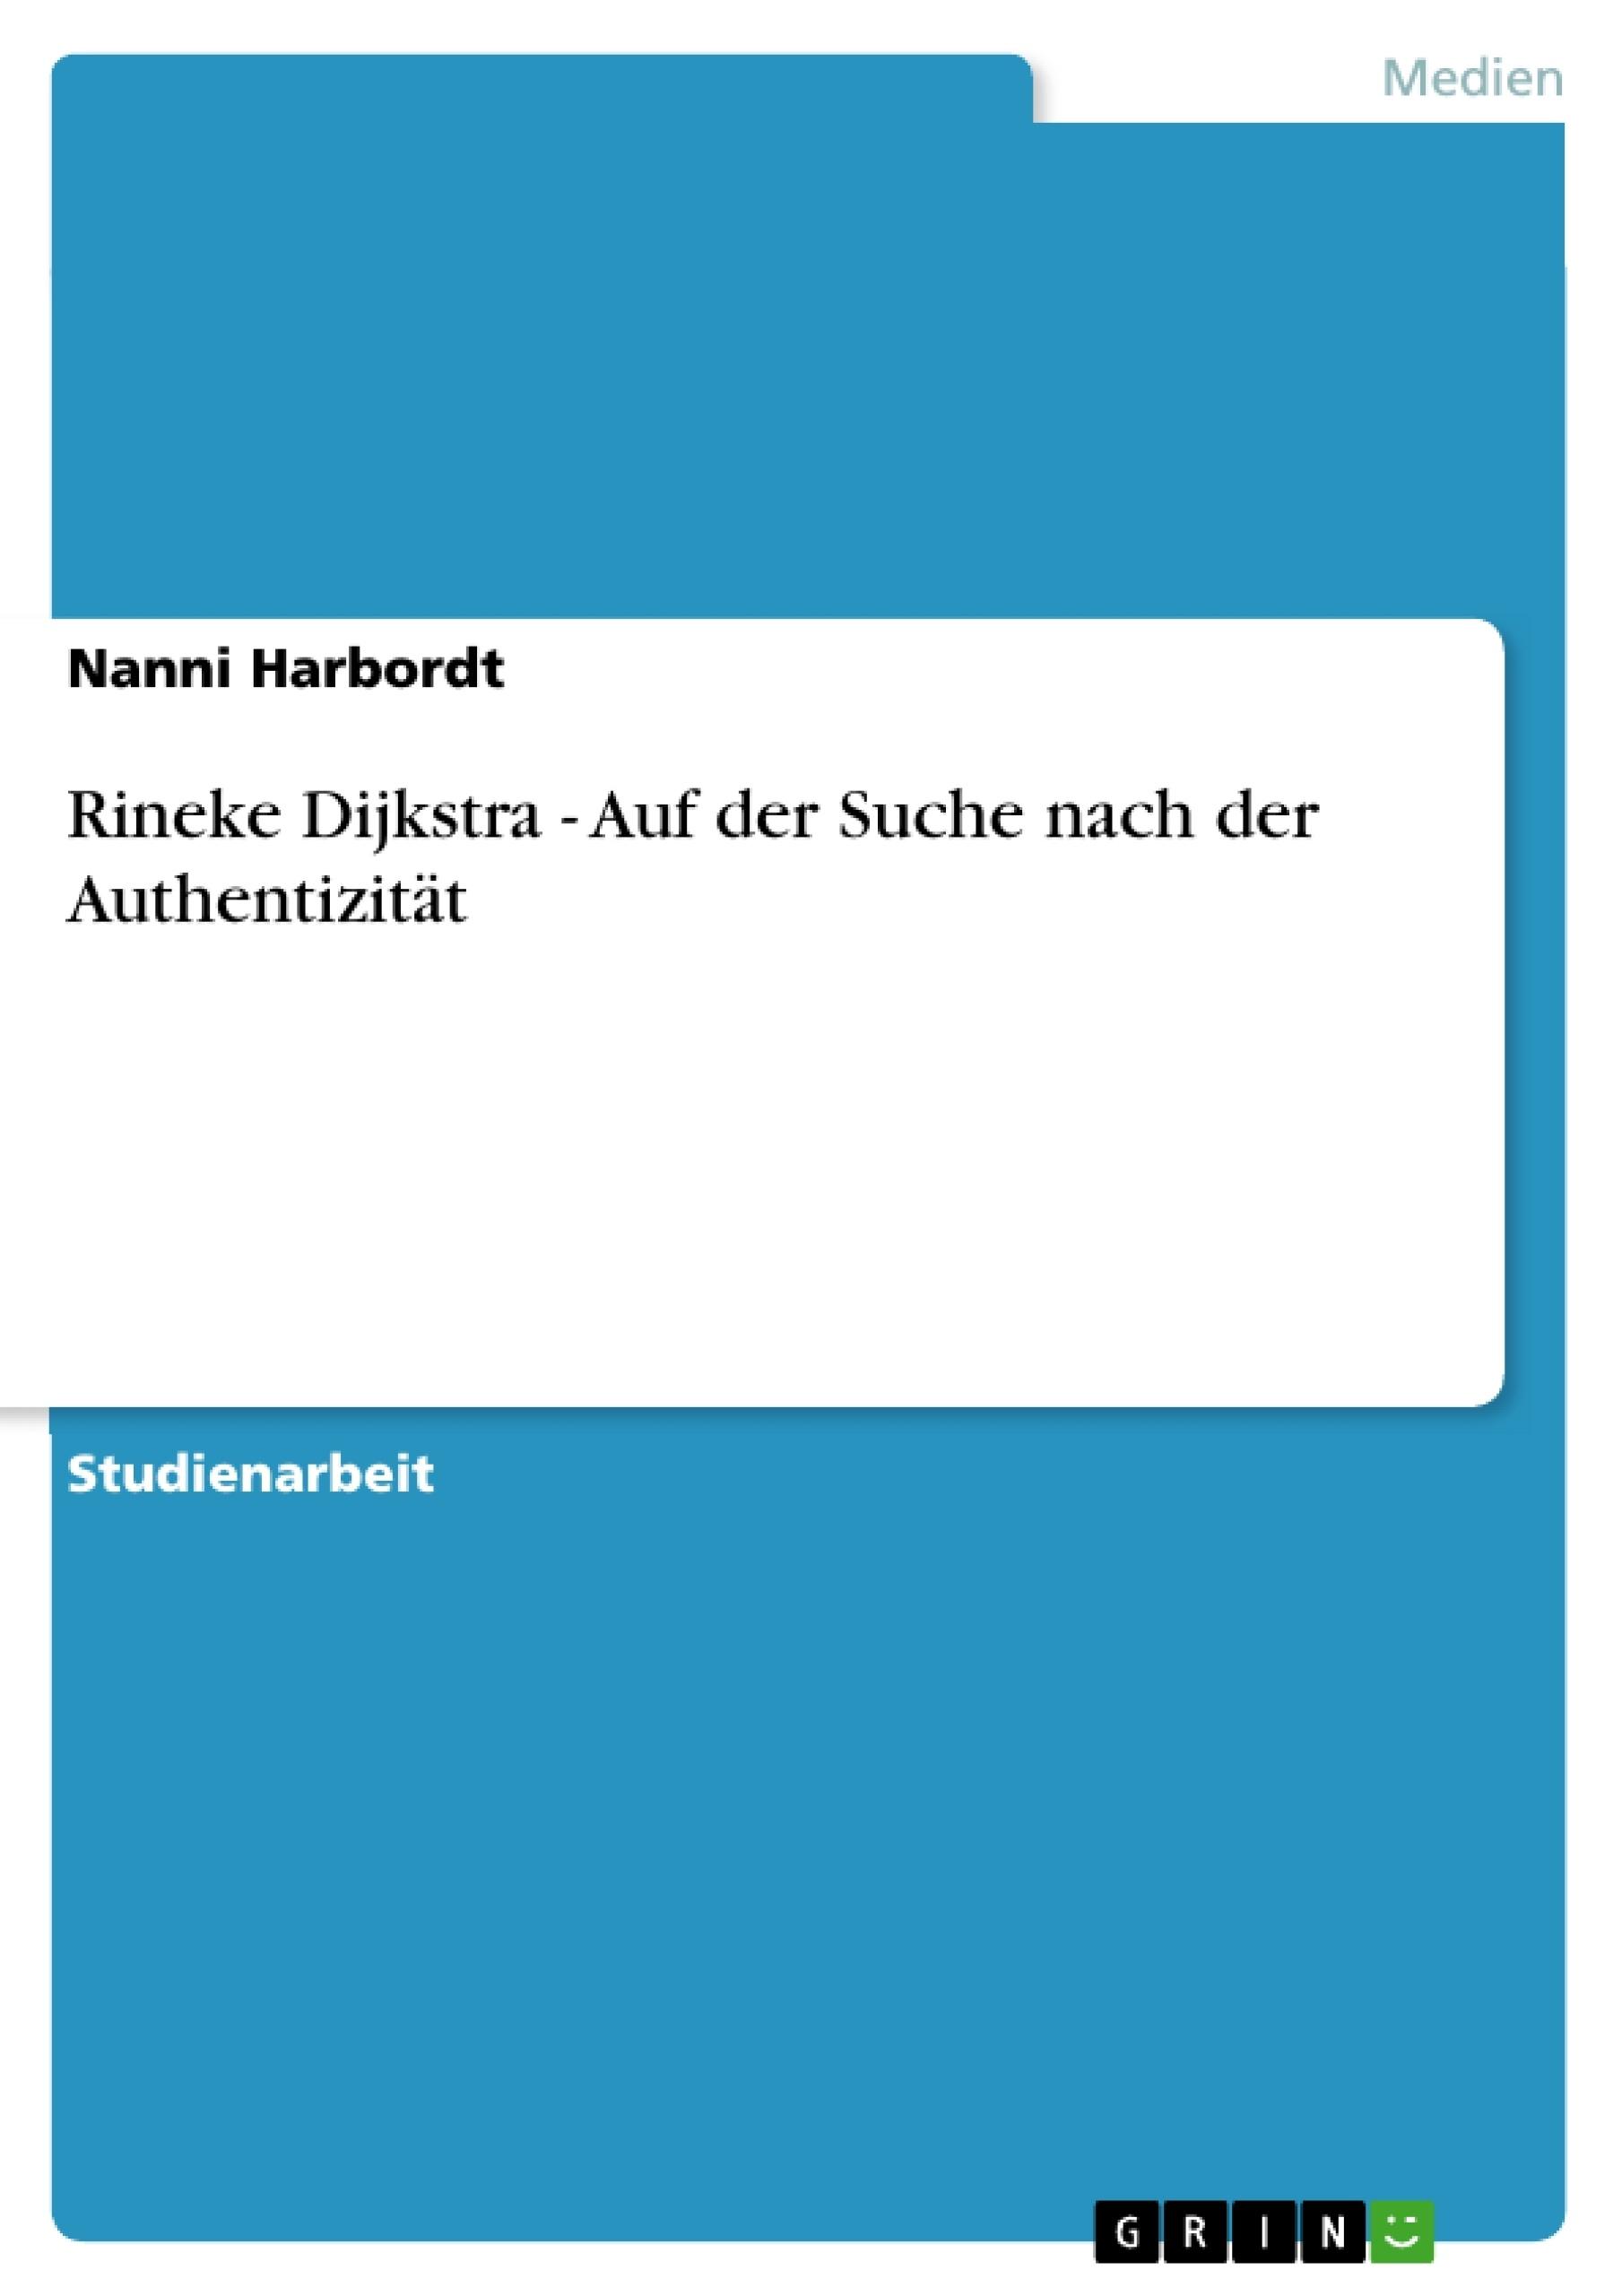 Titel: Rineke Dijkstra - Auf der Suche nach der Authentizität